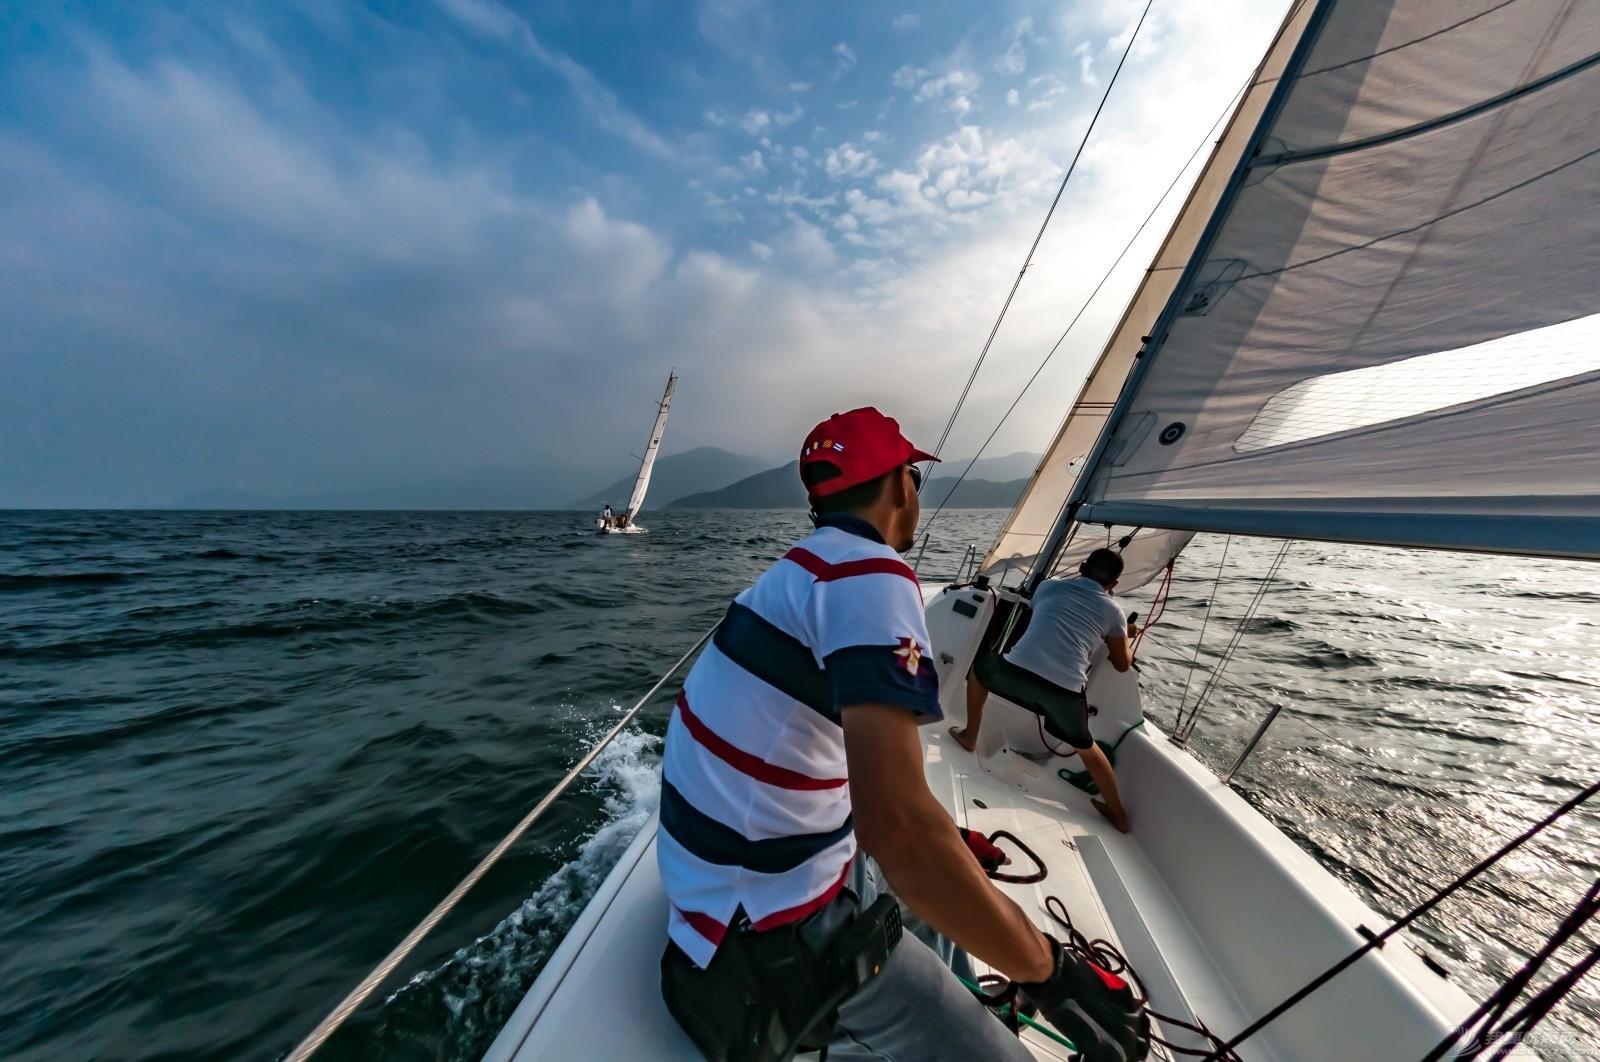 帆船 【2015大鹏杯帆船赛】鱼眼看航海 16022.jpg